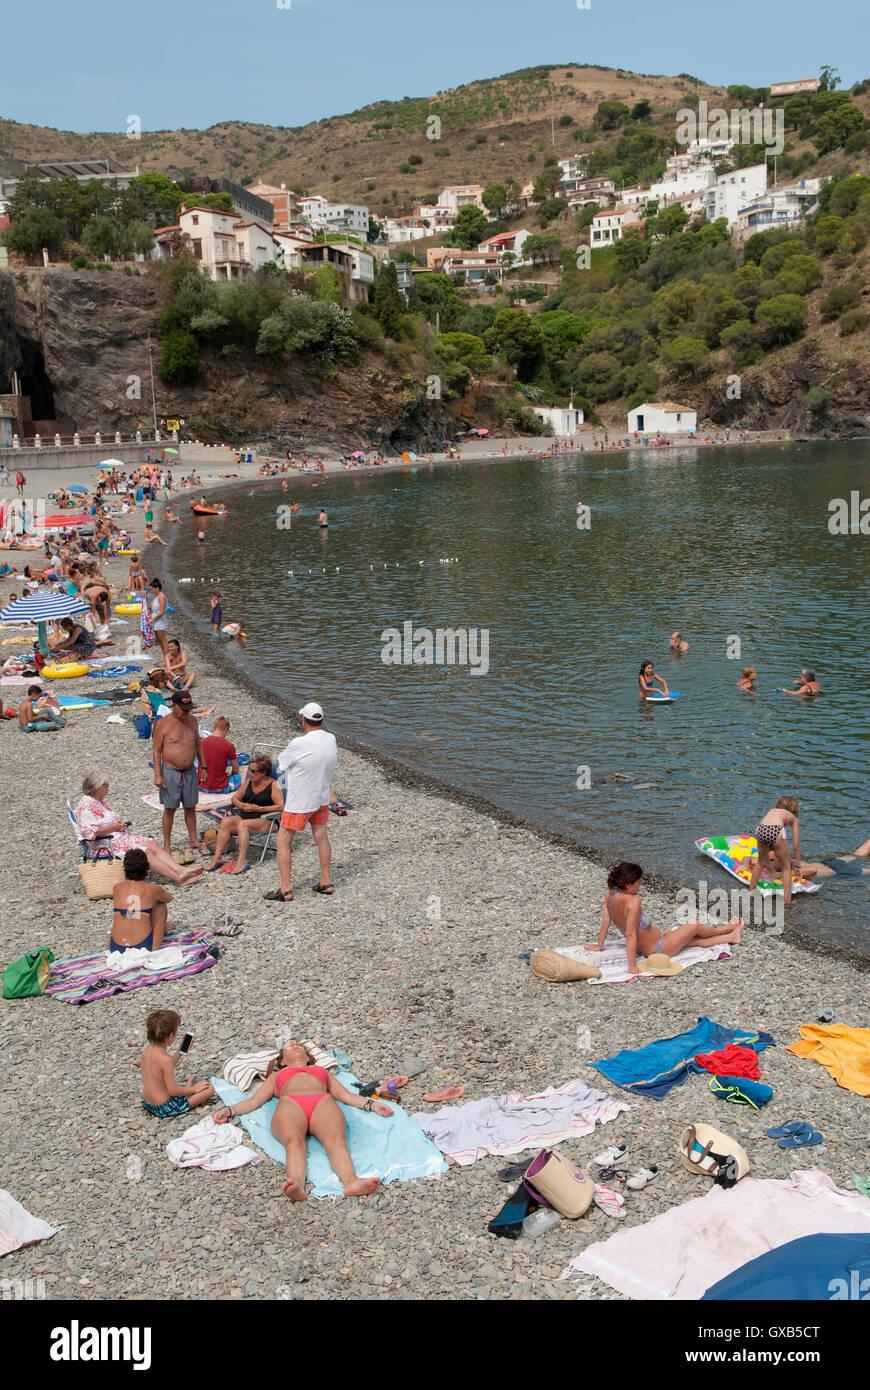 Portbou España provincia de Girona, Cataluña, España. HOMER SYKES Imagen De Stock